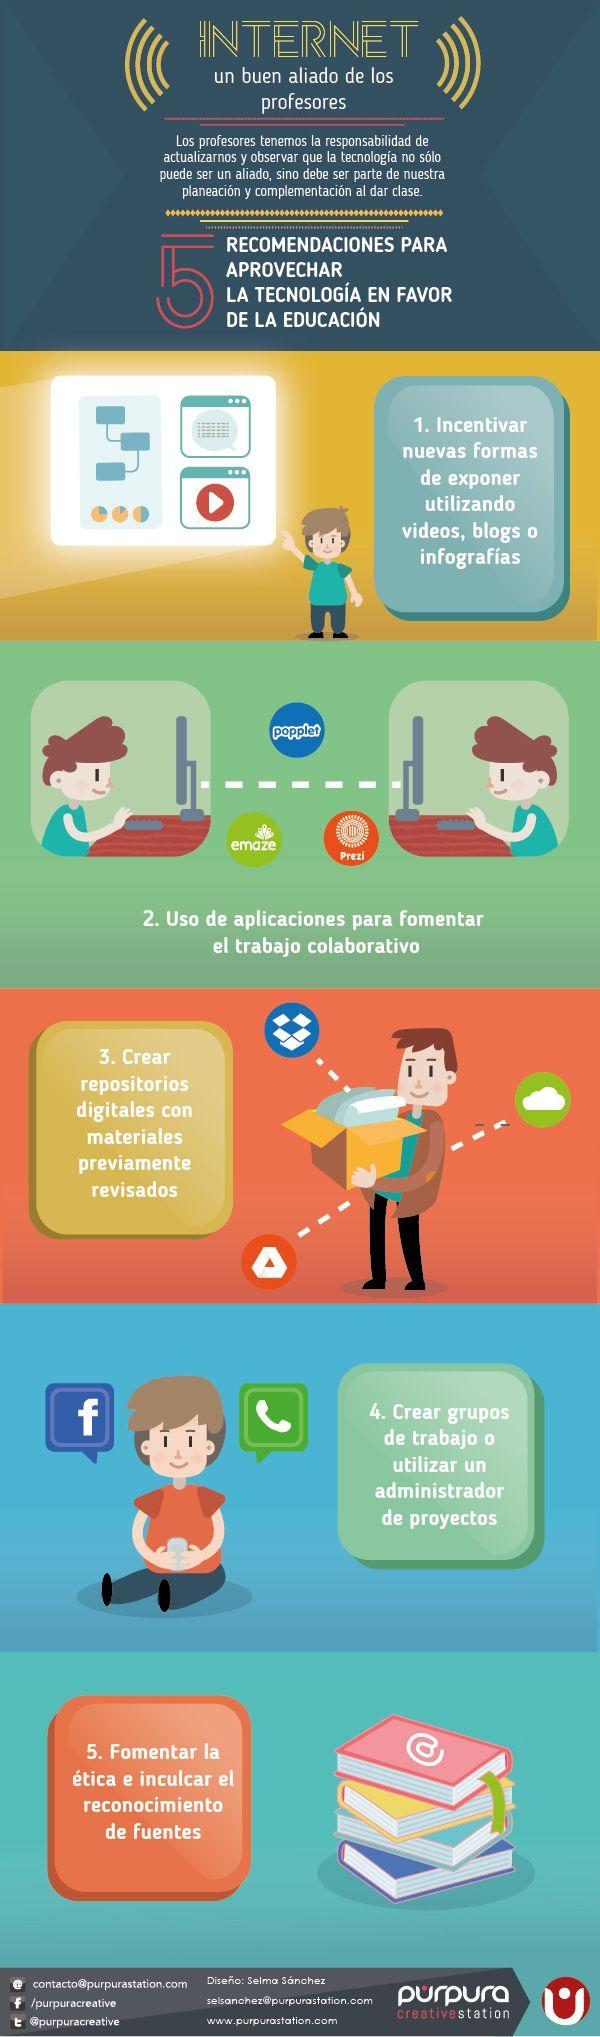 5ActividadesInternetPotenciarAula-Infografía-BlogGesvin